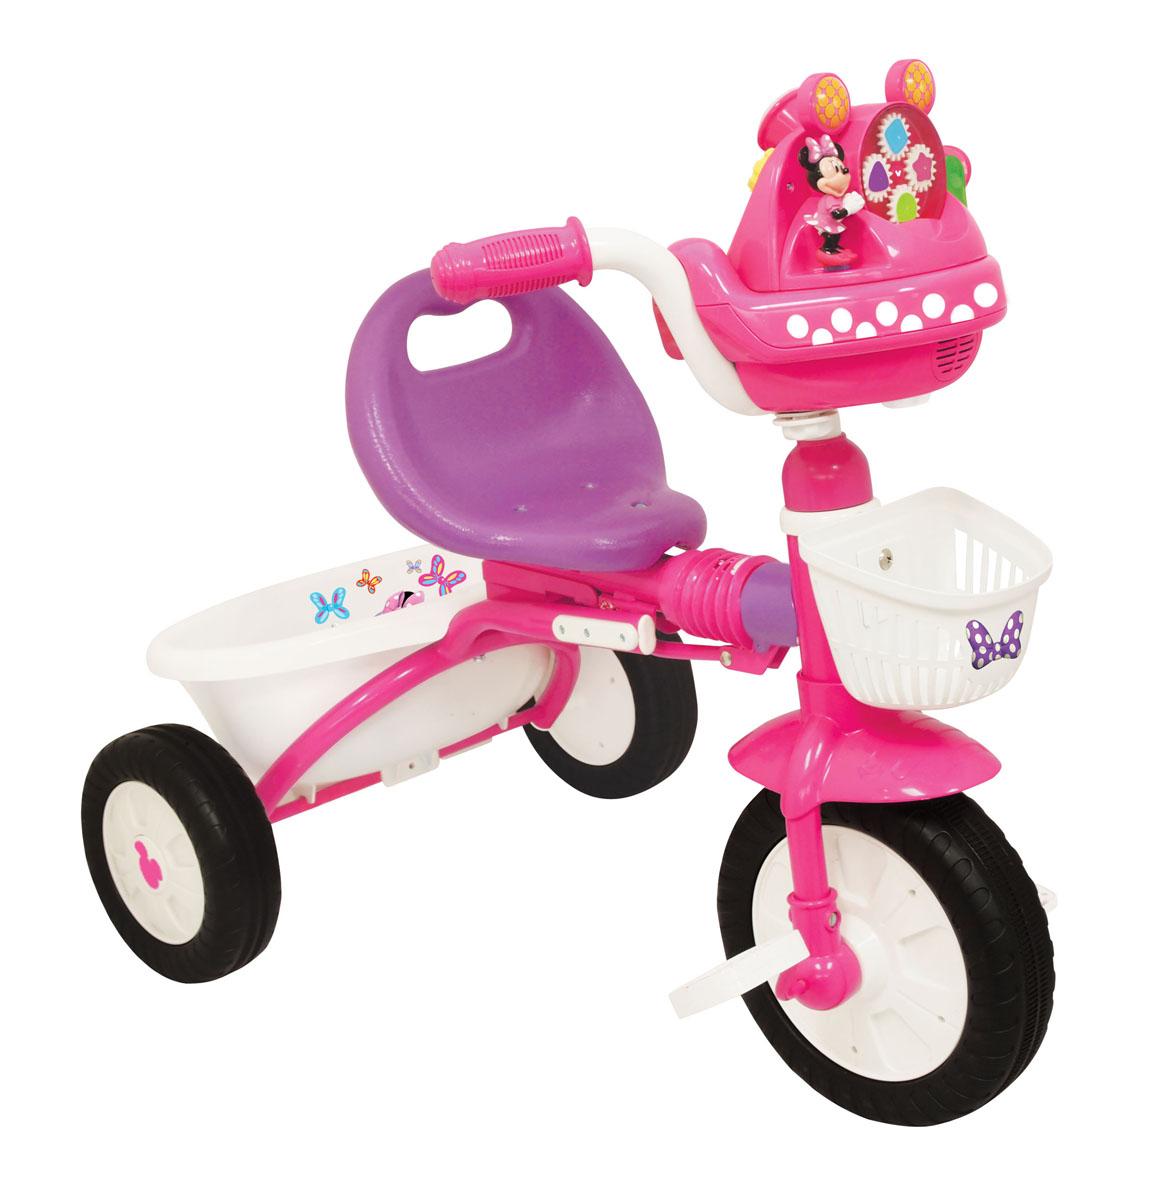 Kiddieland Велосипед трехколесный Минни Маус складной цвет розовыйKID 047423Велосипед 3-колесный Минни Маус складной. Такой велосипед создан специально для девочек. Он обязательно понравится Ввашему ребенку. Подойдет для детей от 1 года.Характеристики:• Велосипед выполнен из высококачественных материалов.• Рама выполнена из металла.• Все остальные детали выполнены из пластика.• Три устойчивых колеса.• Две удобные корзинки для игрушек и мелочей.• Велосипед легко складывается и раскладывается.• Удобное сидение со спинкой.• Надежная конструкция прослужит долгие годы.Какой велосипед выбрать? Статья OZON Гид